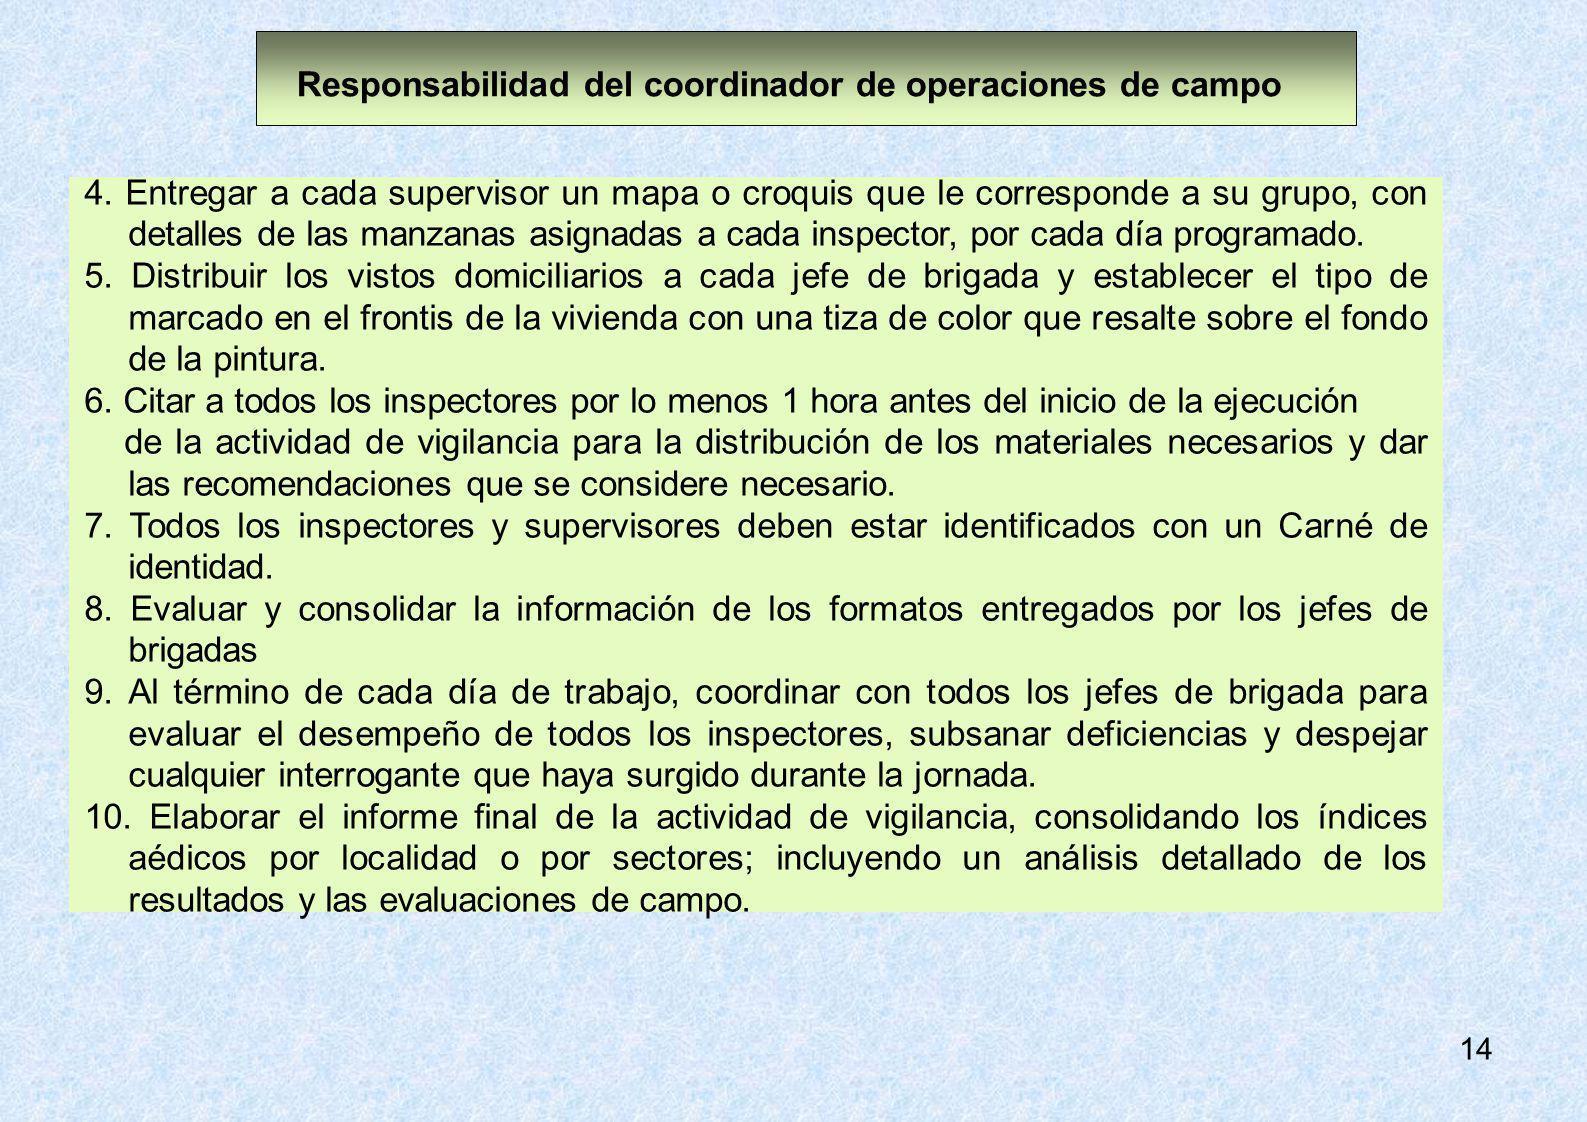 14 4. Entregar a cada supervisor un mapa o croquis que le corresponde a su grupo, con detalles de las manzanas asignadas a cada inspector, por cada dí